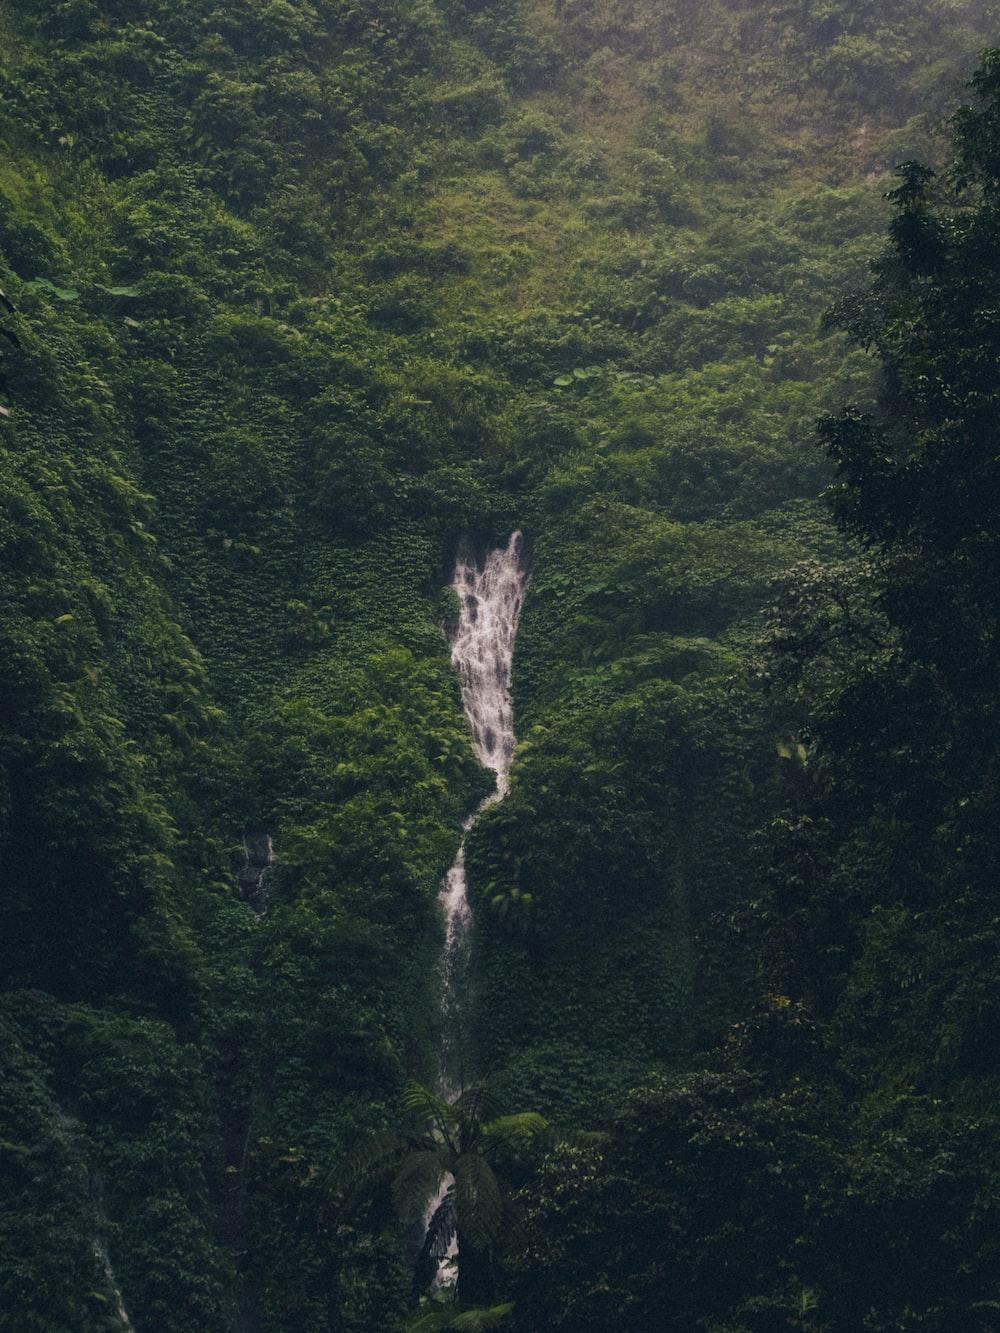 birds eye photography of waterfall